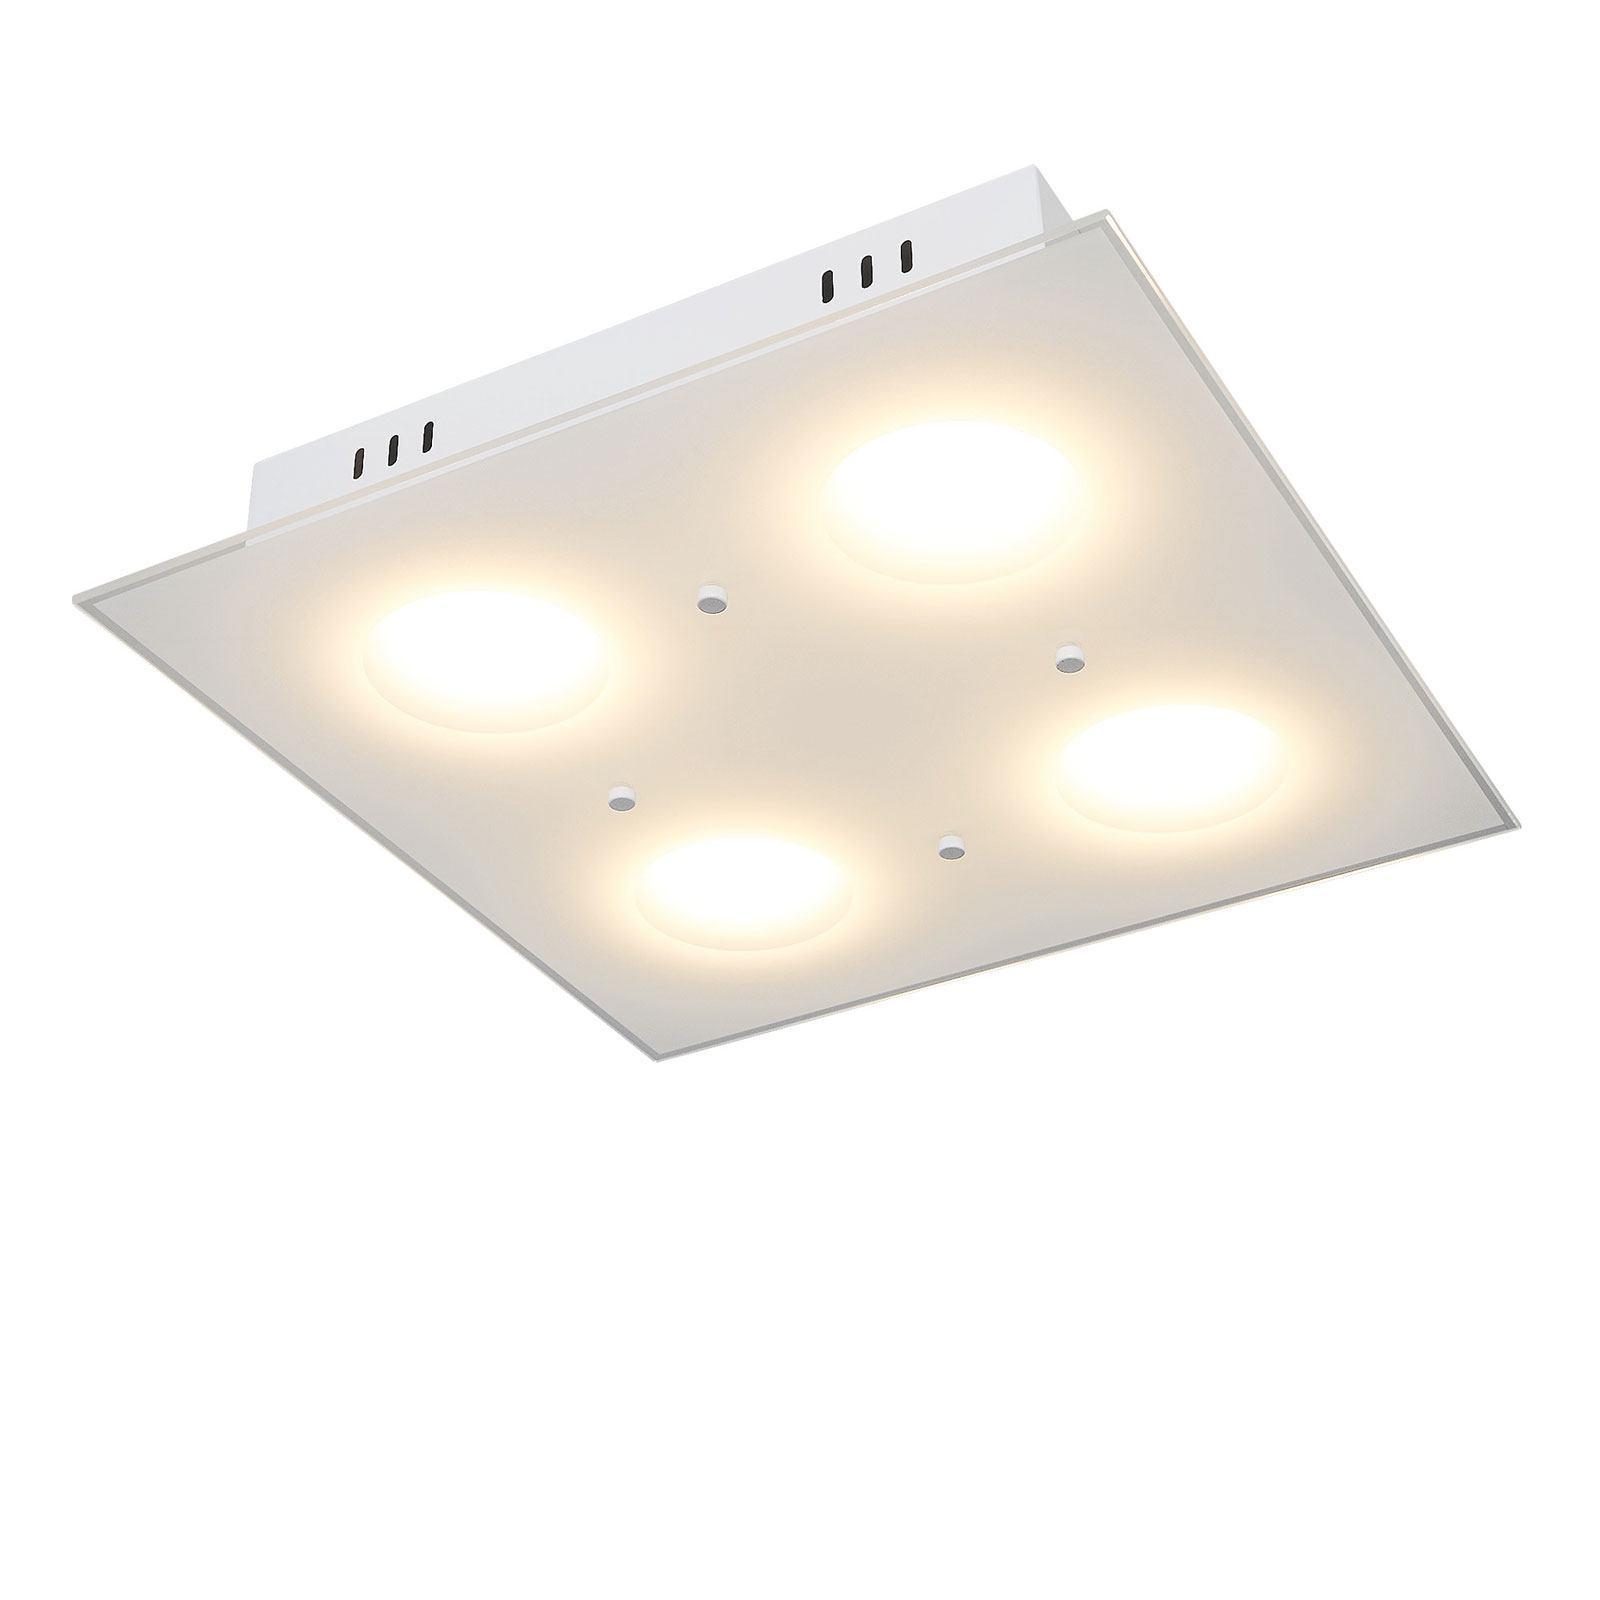 Deckenlampe Küche Led